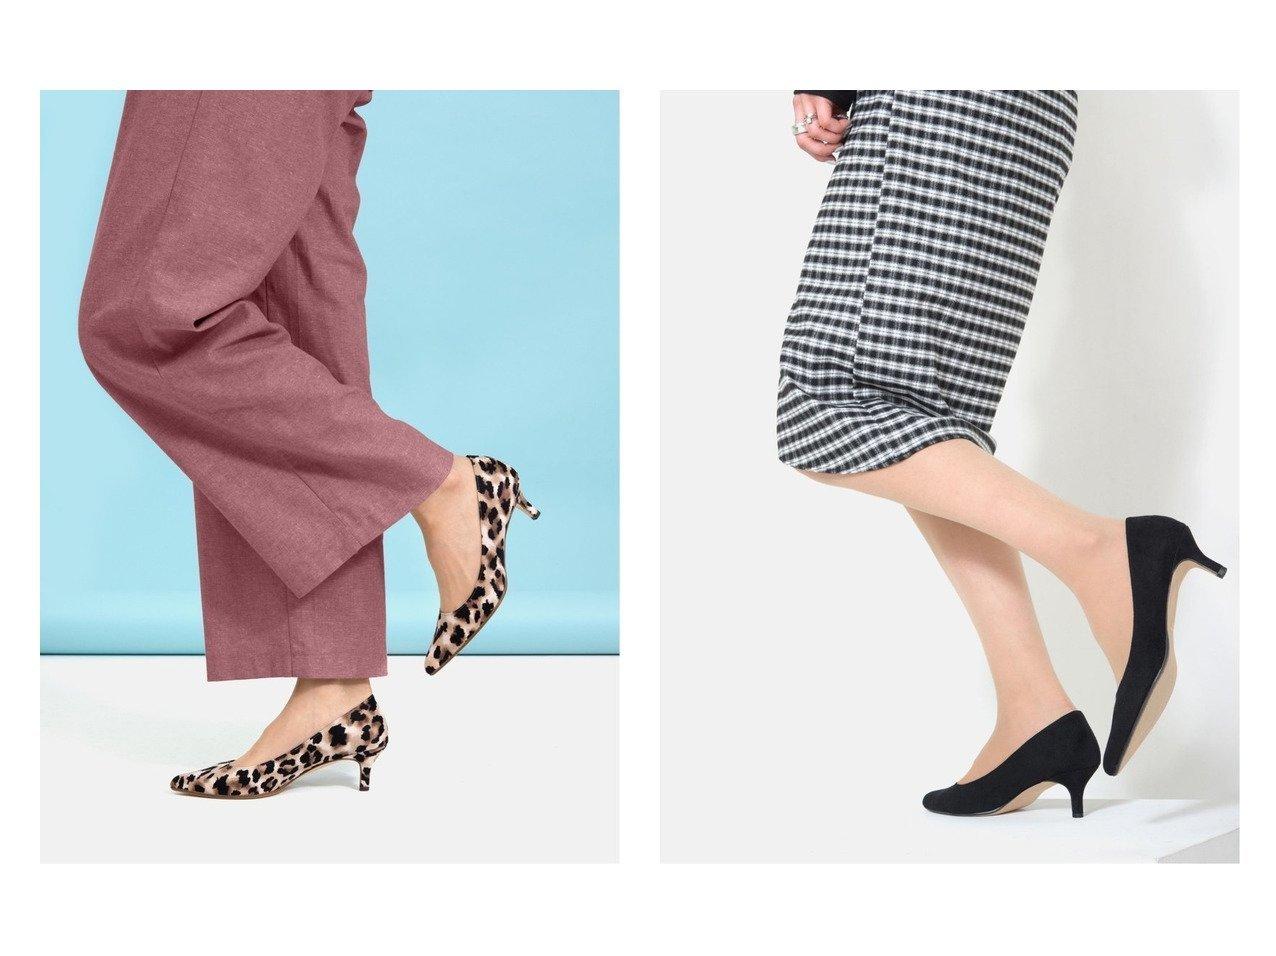 【MAMIAN/マミアン】の【iCoN】5cmヒールポインテッドトゥパンプス シューズ・靴のおすすめ!人気、トレンド・レディースファッションの通販 おすすめで人気の流行・トレンド、ファッションの通販商品 メンズファッション・キッズファッション・インテリア・家具・レディースファッション・服の通販 founy(ファニー) https://founy.com/ ファッション Fashion レディースファッション WOMEN クッション ケミカル シューズ スエード ハイヒール フィット メッシュ リアル 再入荷 Restock/Back in Stock/Re Arrival NEW・新作・新着・新入荷 New Arrivals |ID:crp329100000023929